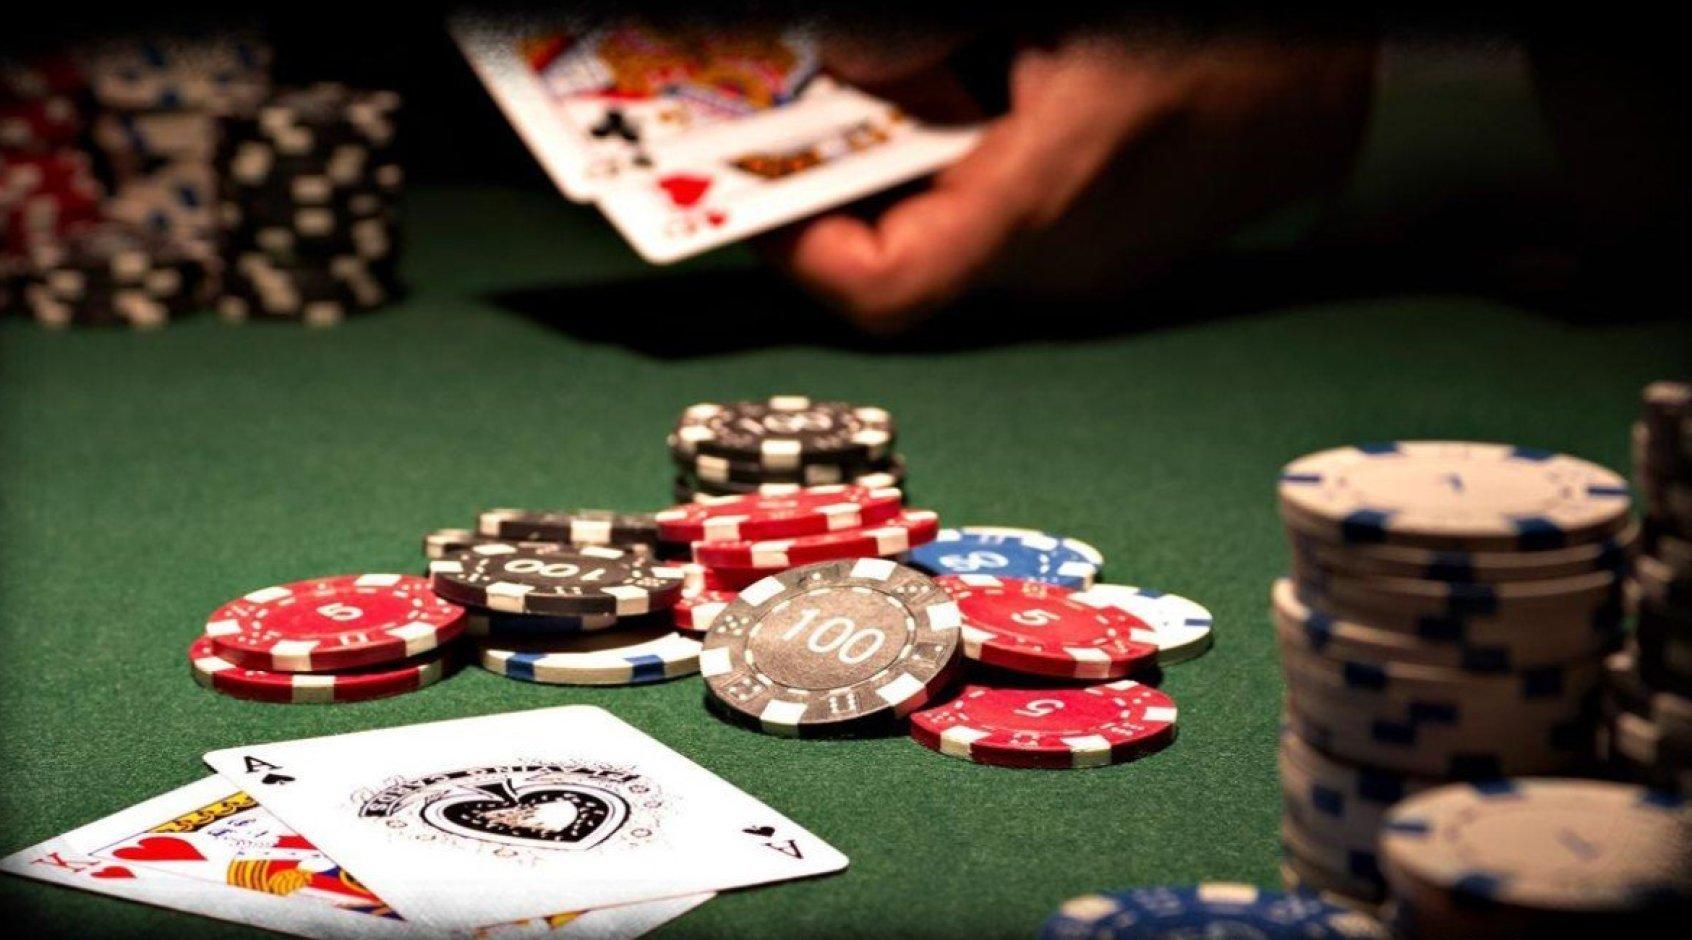 Украинские покеристы продолжают выигрывать миллионы гривен в весеннем чемпионате